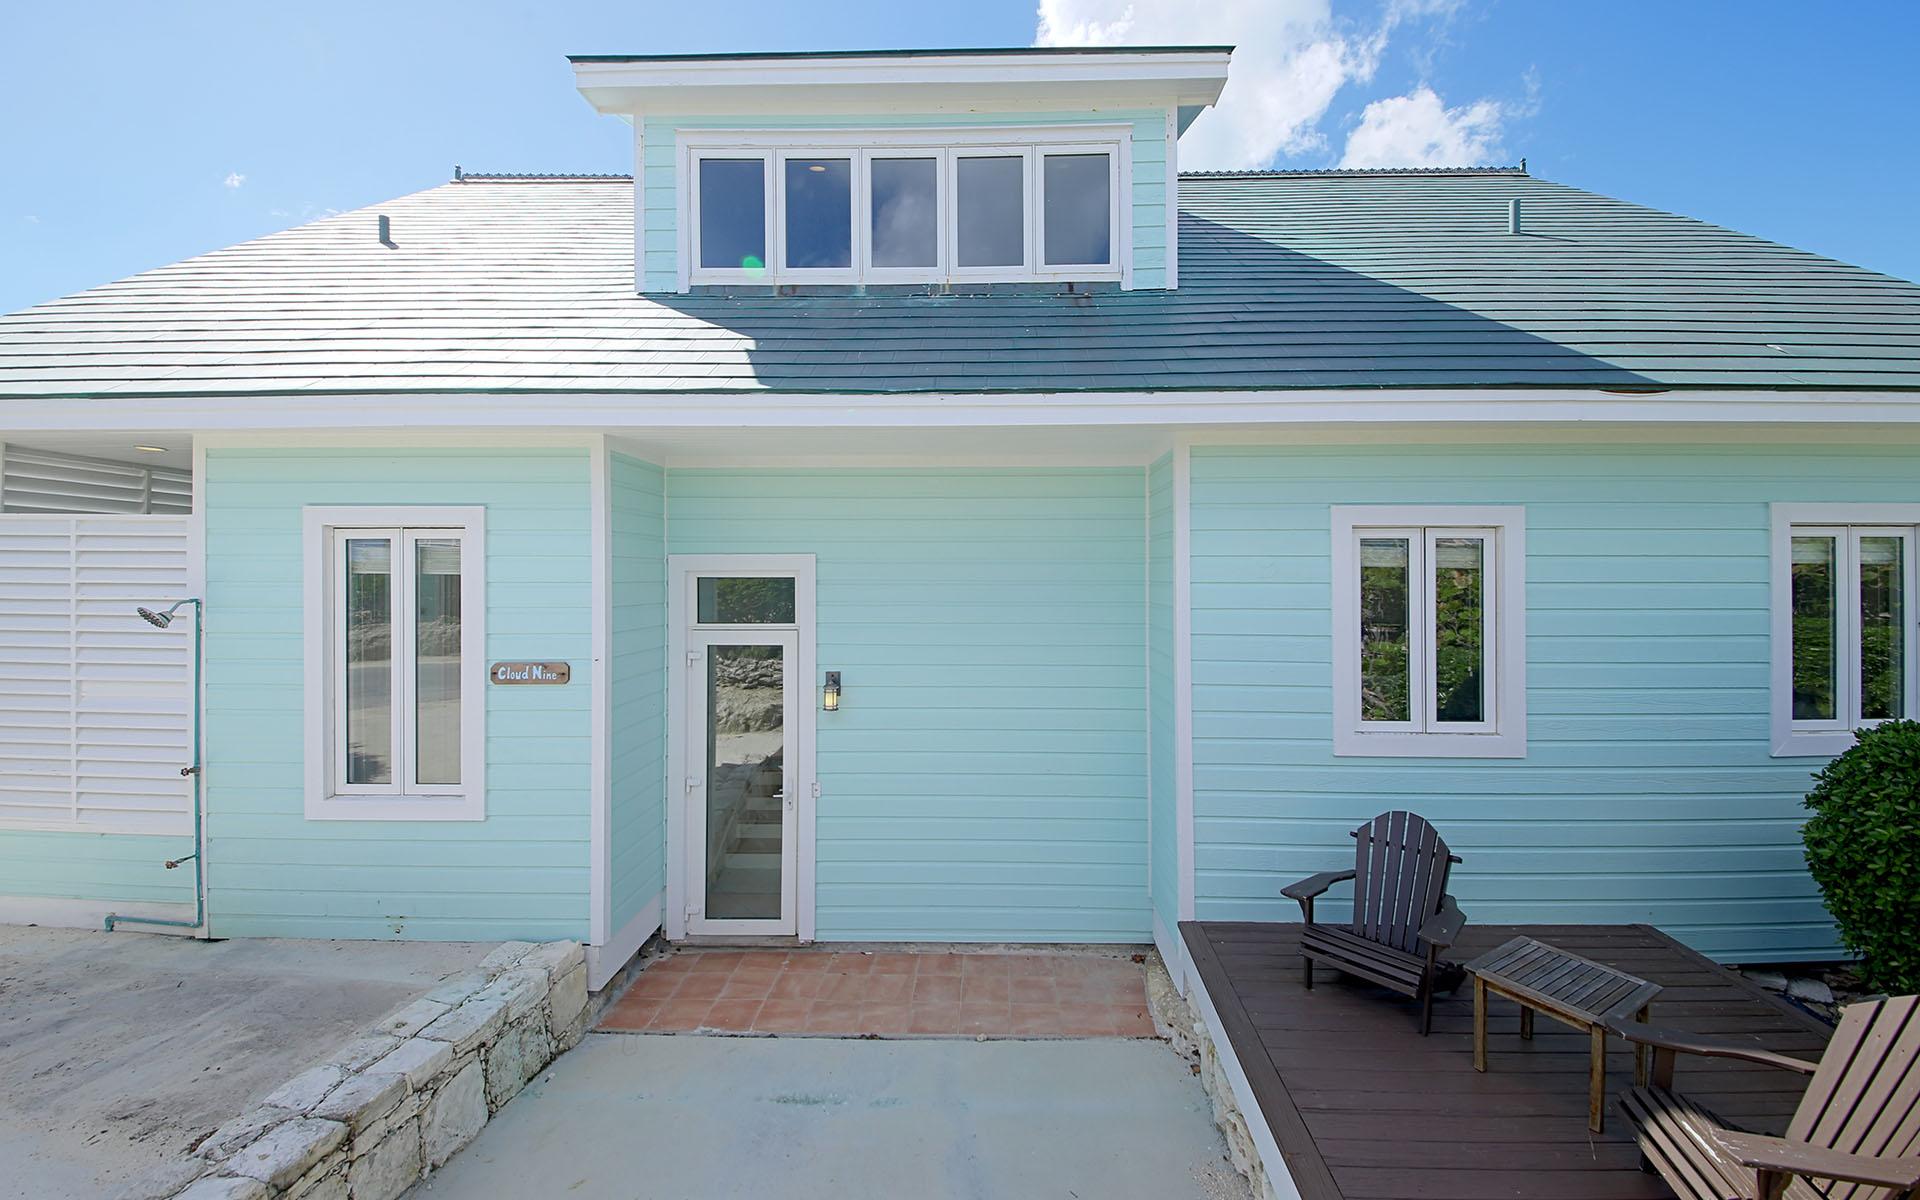 Maison unifamiliale pour l Vente à Cloud Nine Winding Bay - MLS 32282 Abaco, Bahamas